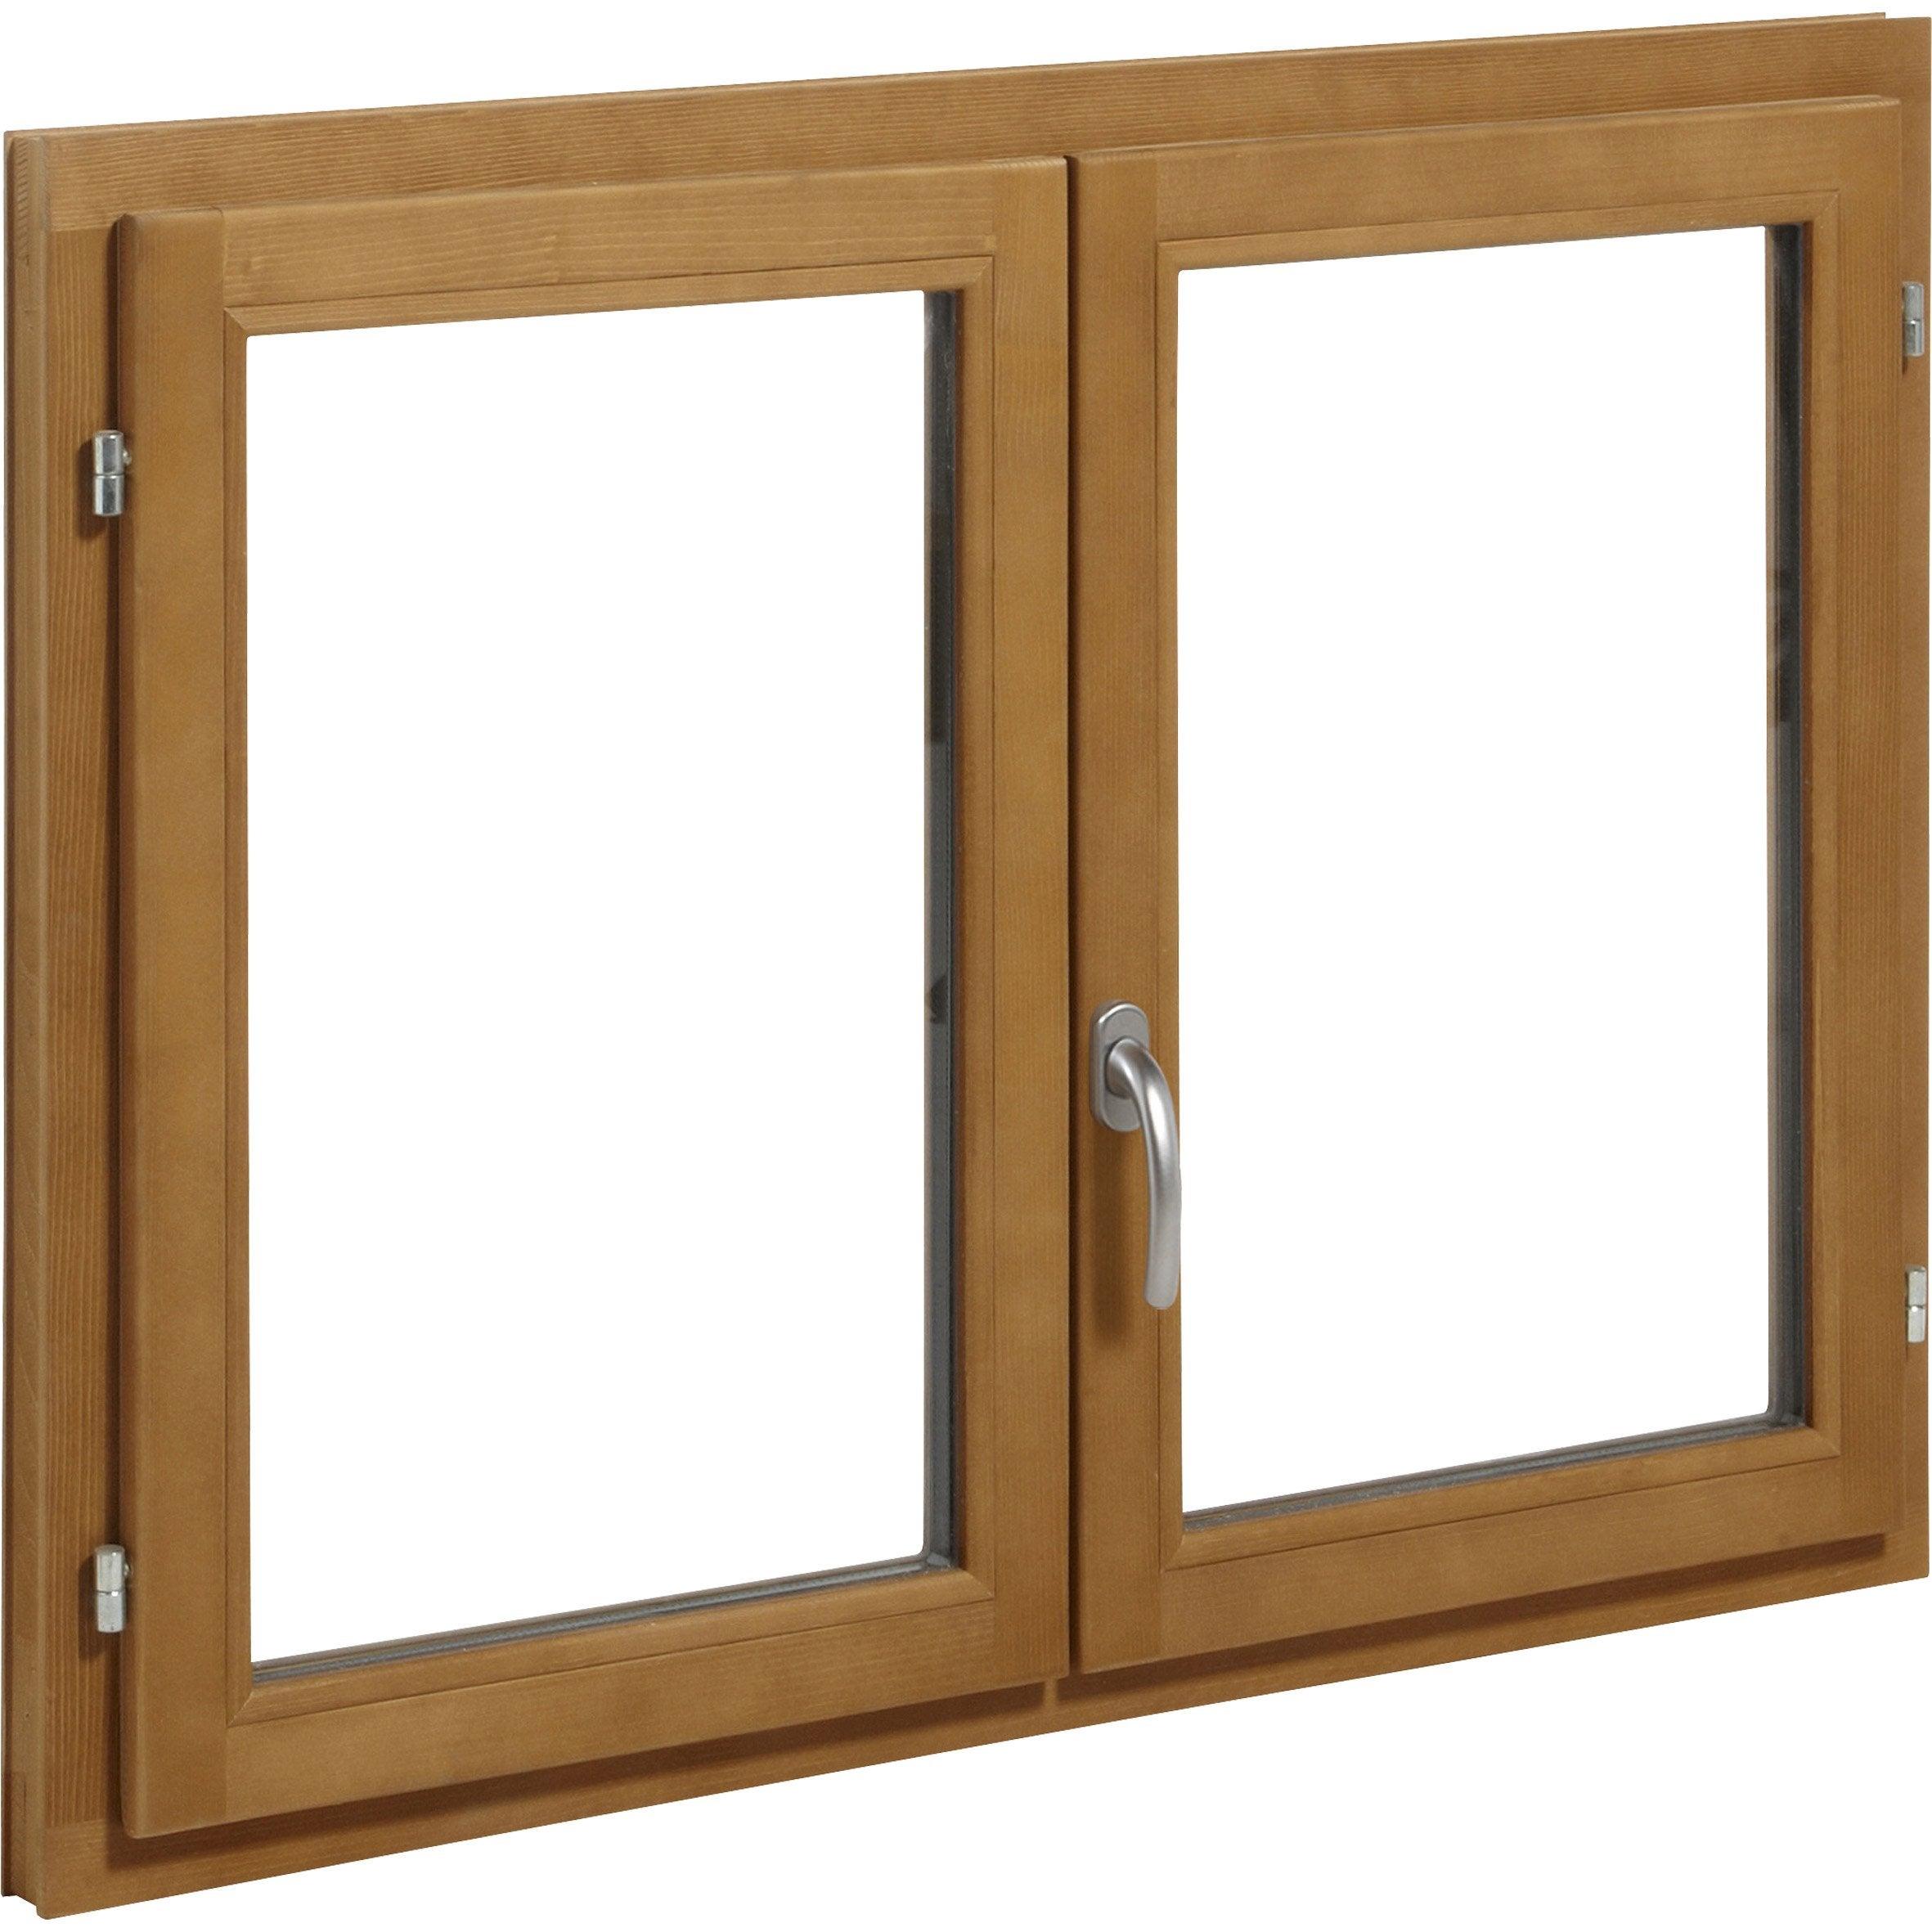 Comment Peindre Des Fenetres En Bois fenêtre bois h.115 x l.140 cm, pin, 2 tirant droit